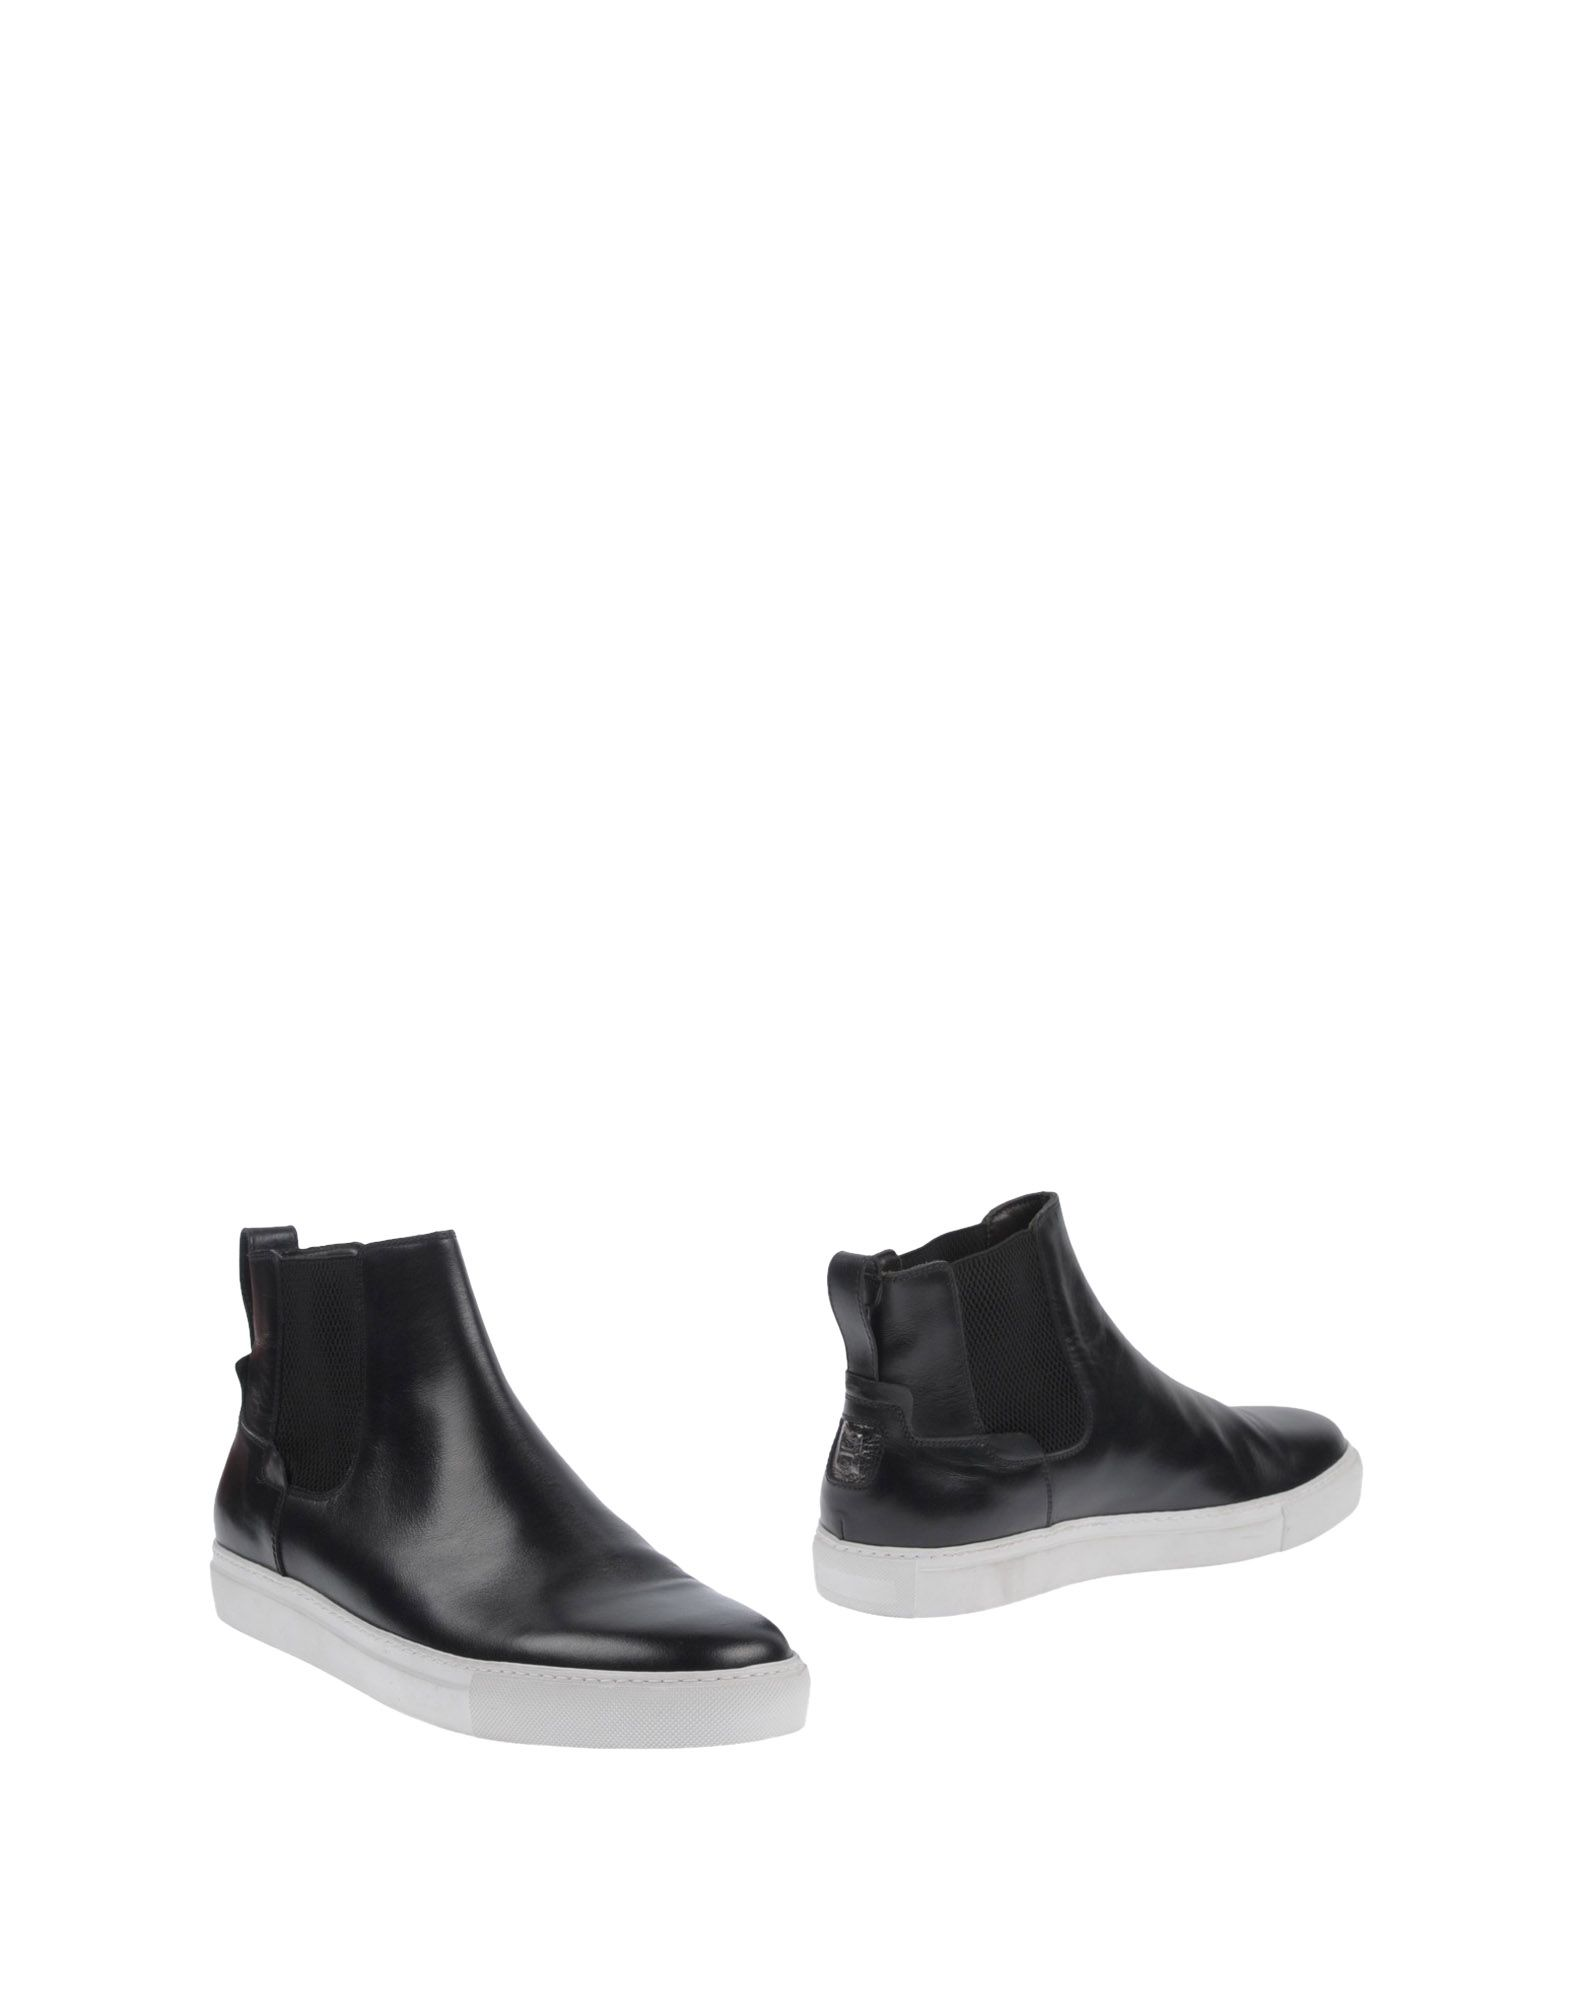 Henderson Stiefelette Herren  11452449PX Gute Qualität beliebte Schuhe